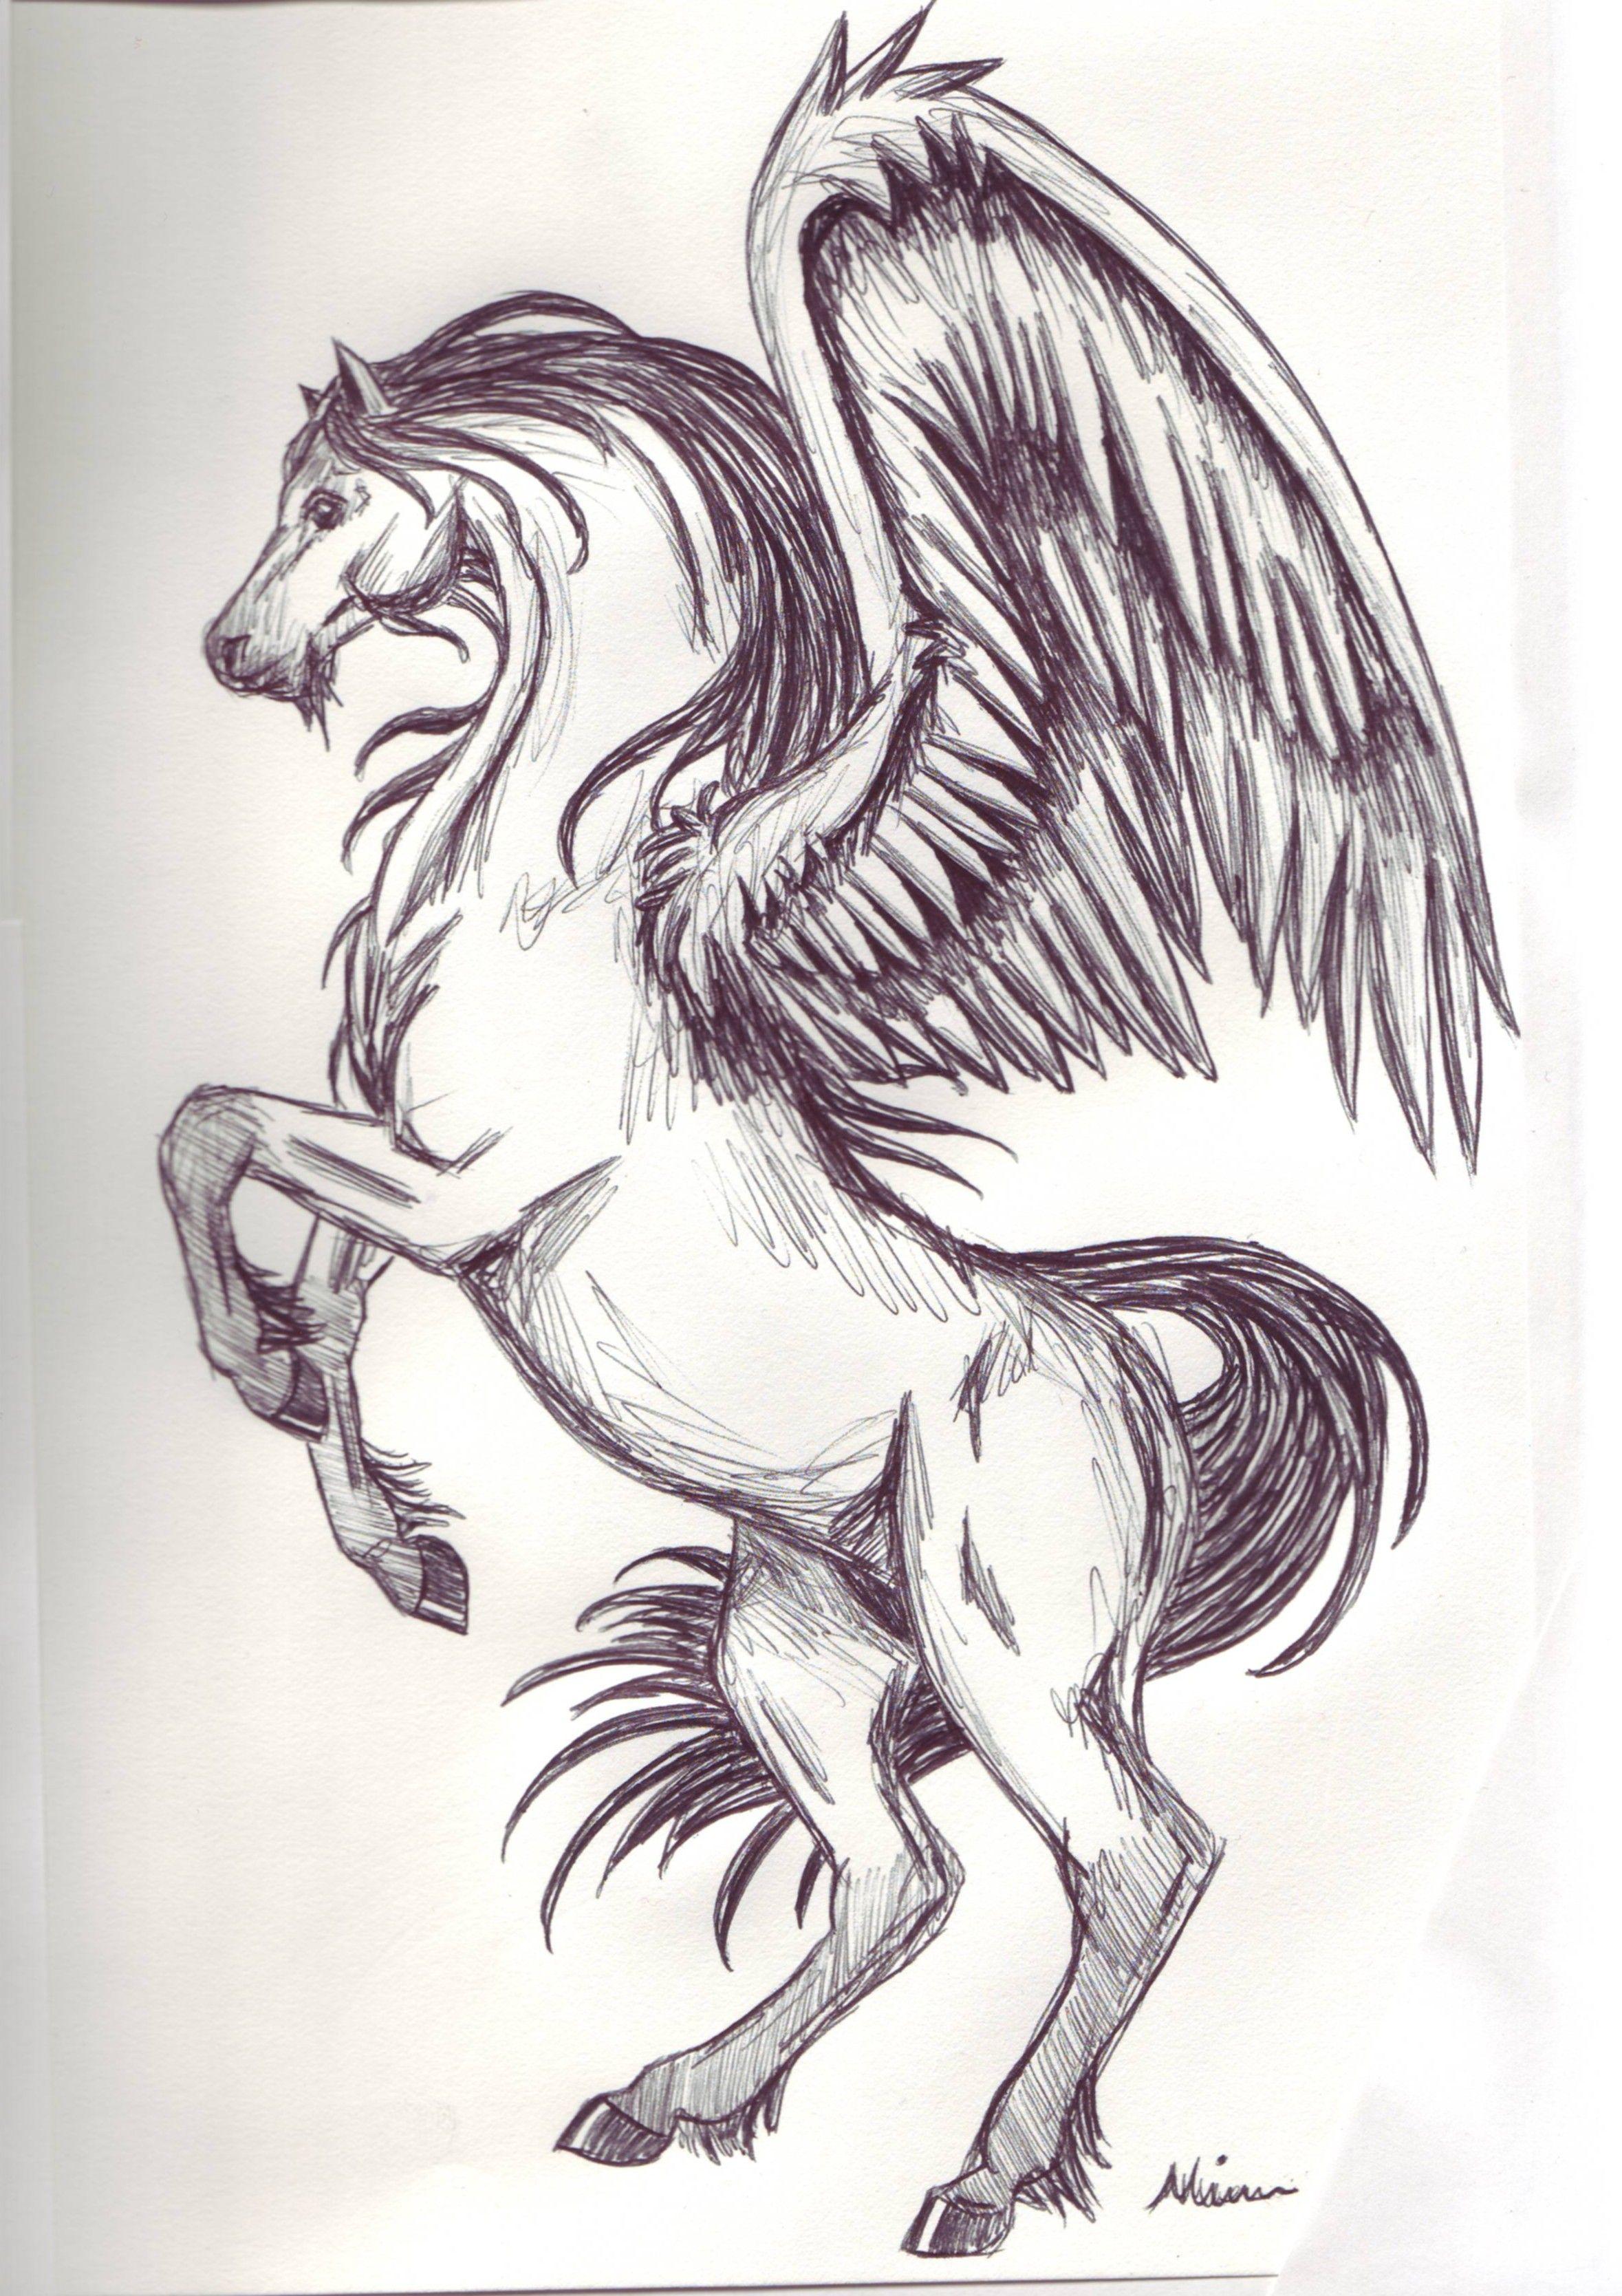 Uncategorized Drawings Of Pegasus google image result for httpfc06 deviantart netfs9i2006029 art drawings